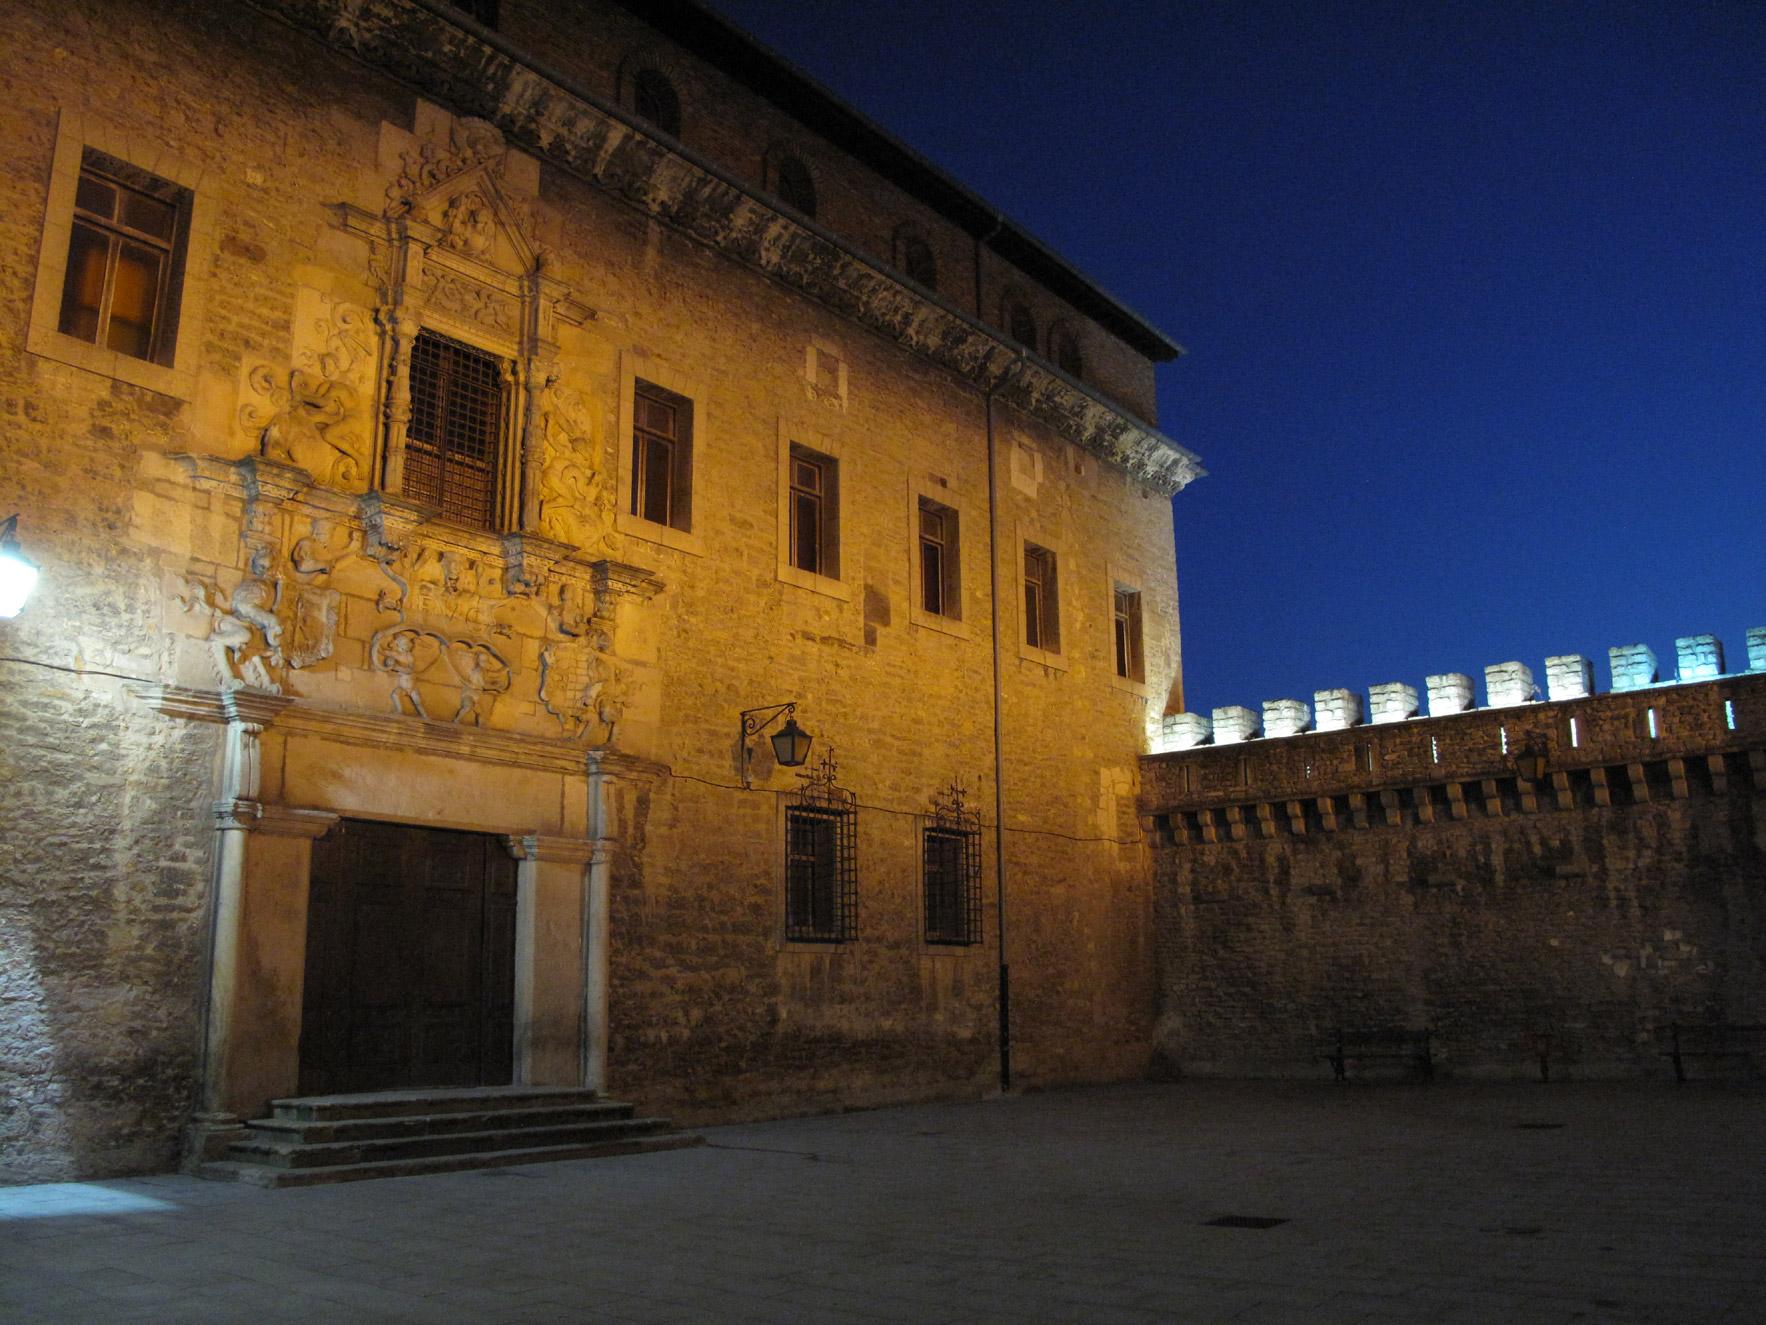 muralla vitoria_restauracion_apraiz_palacio de Escoriaza - Esquive_portada